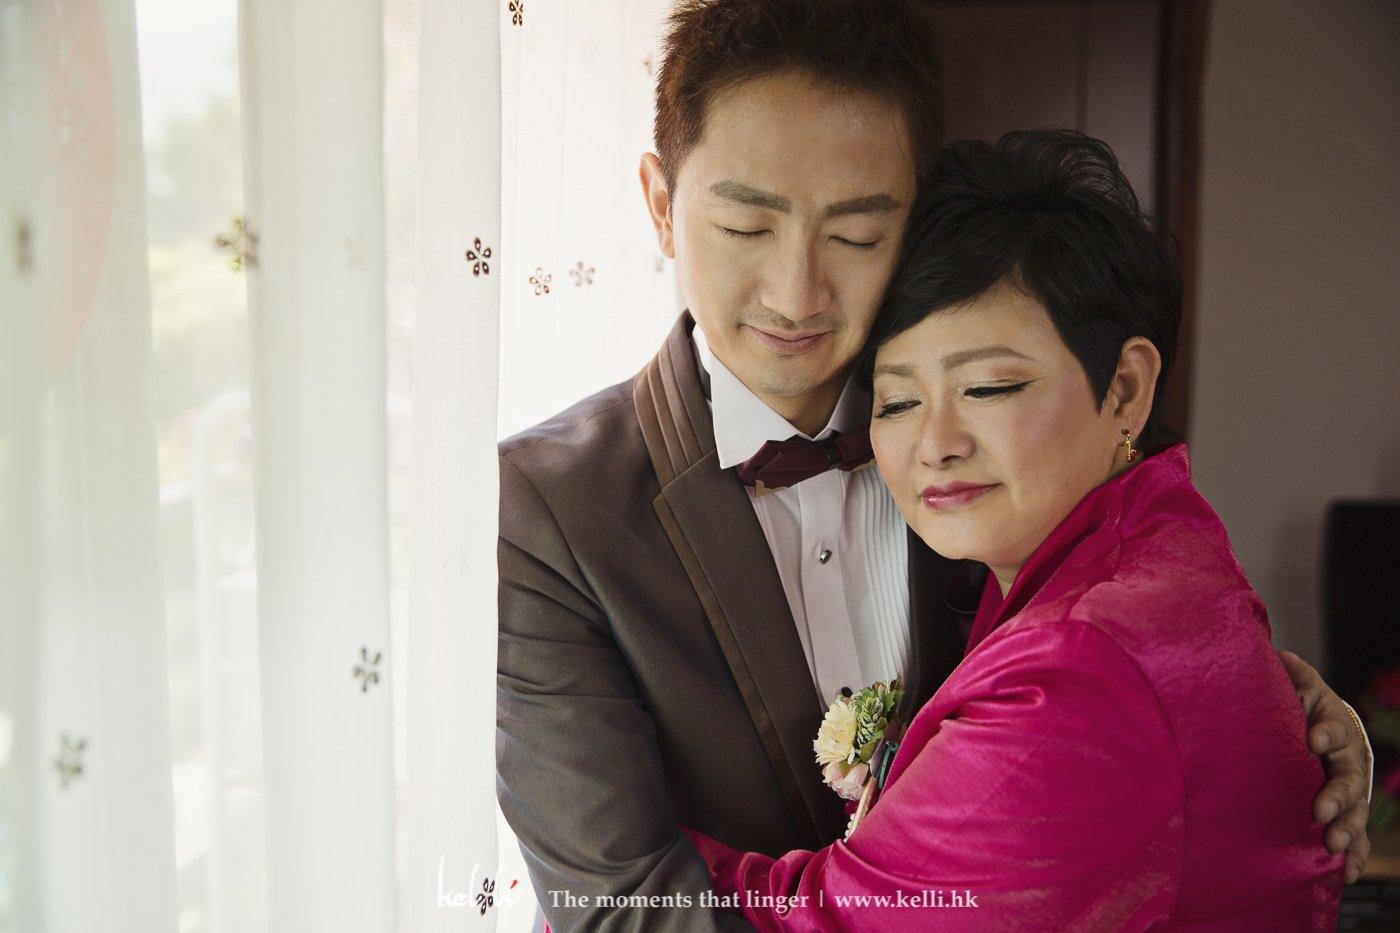 新郎與母親,很喜歡這種溫馨畫面,散發著母子情